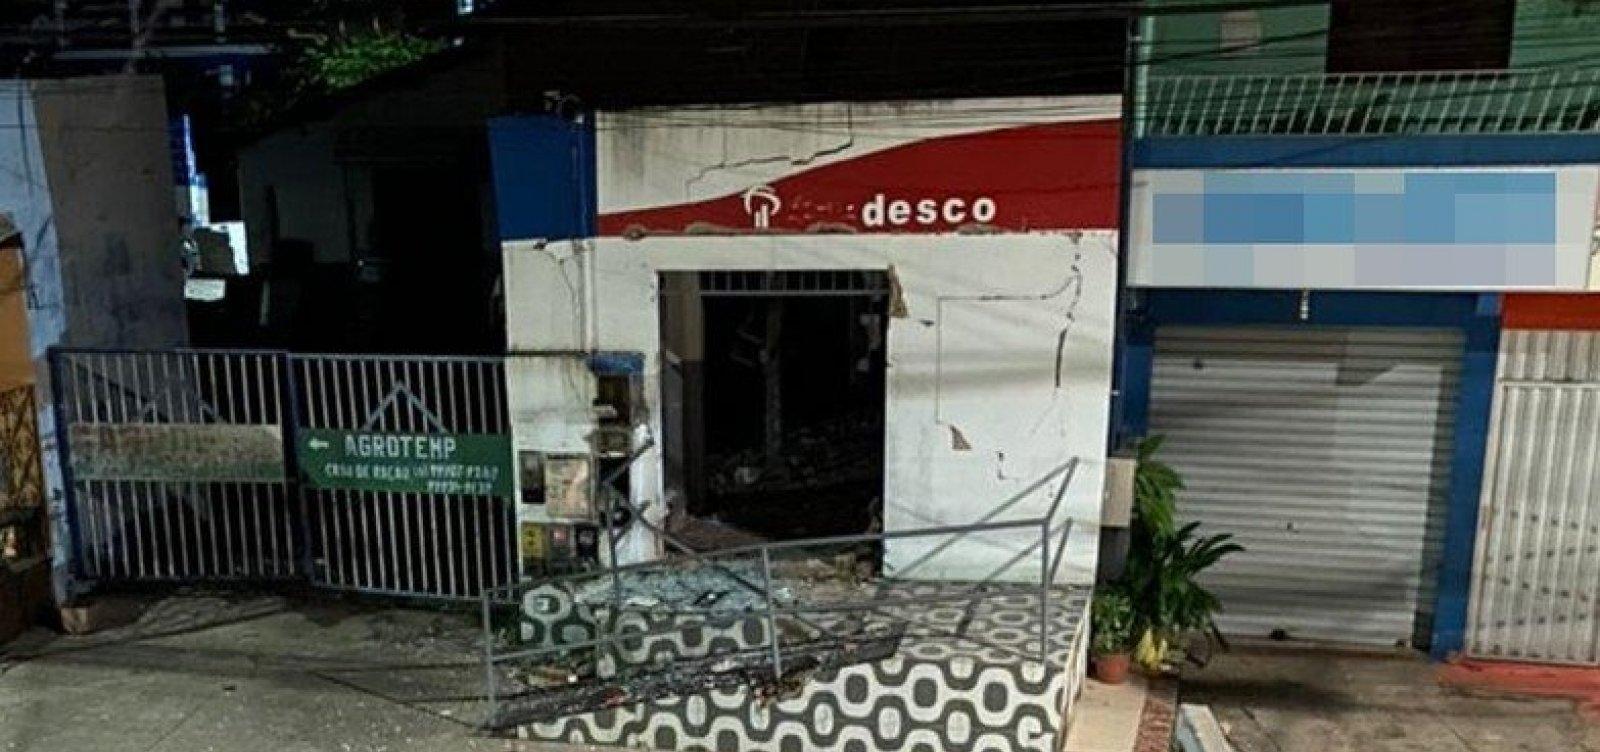 Bandidos explodem agência bancária em Camaçari; ataque é 25º na Bahia